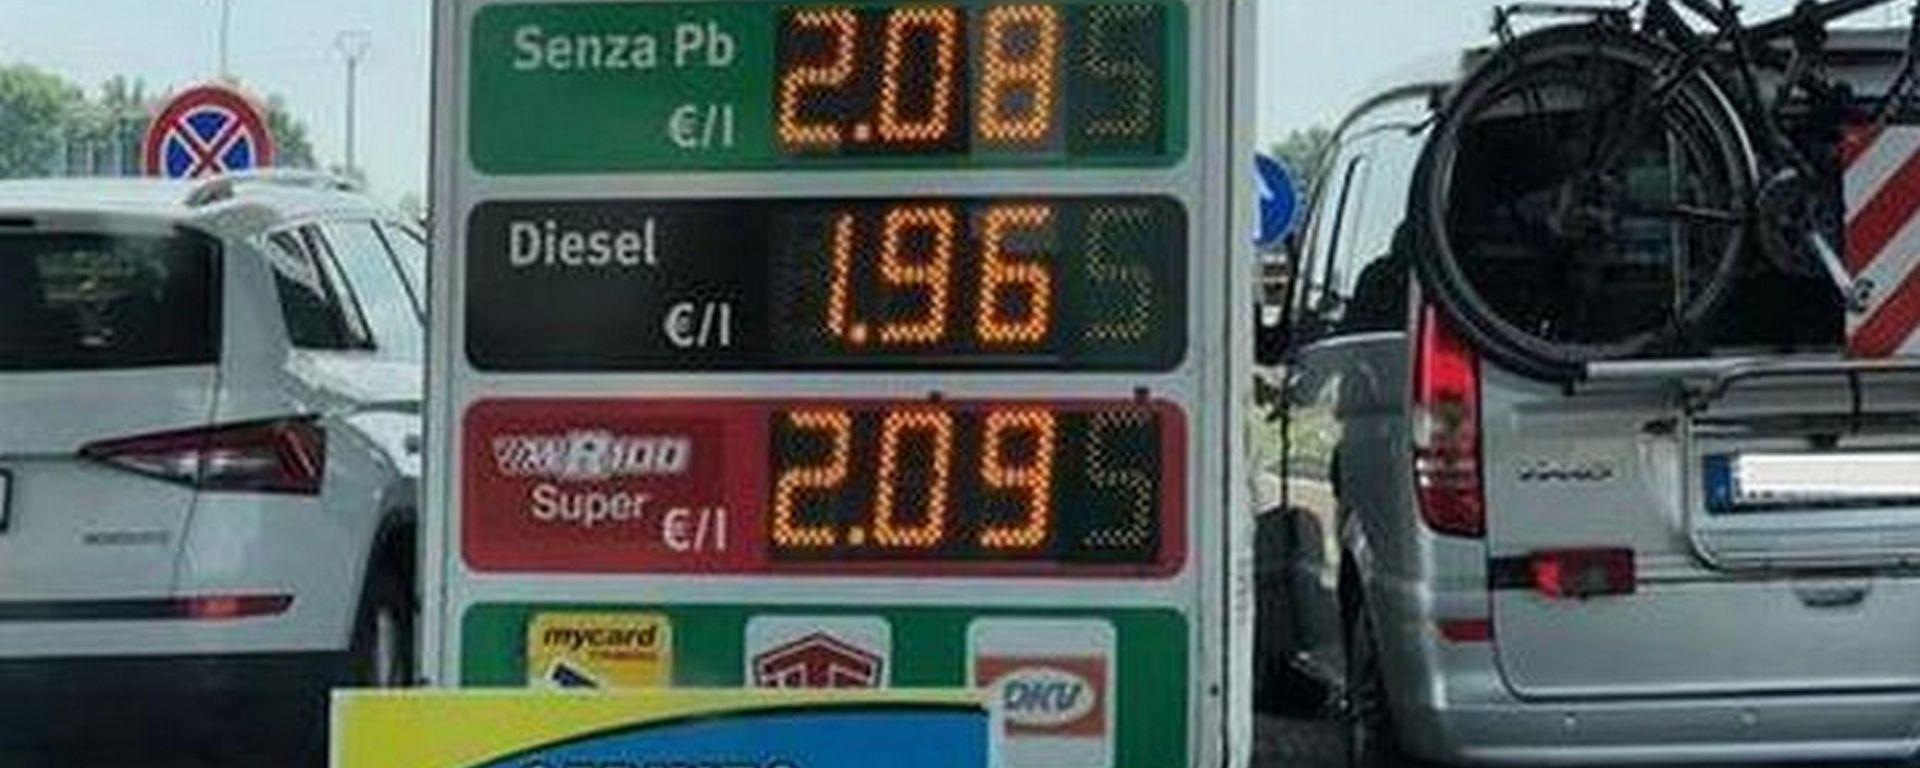 Carburanti, prezzi alle stelle. E a Nogarole Rocca...